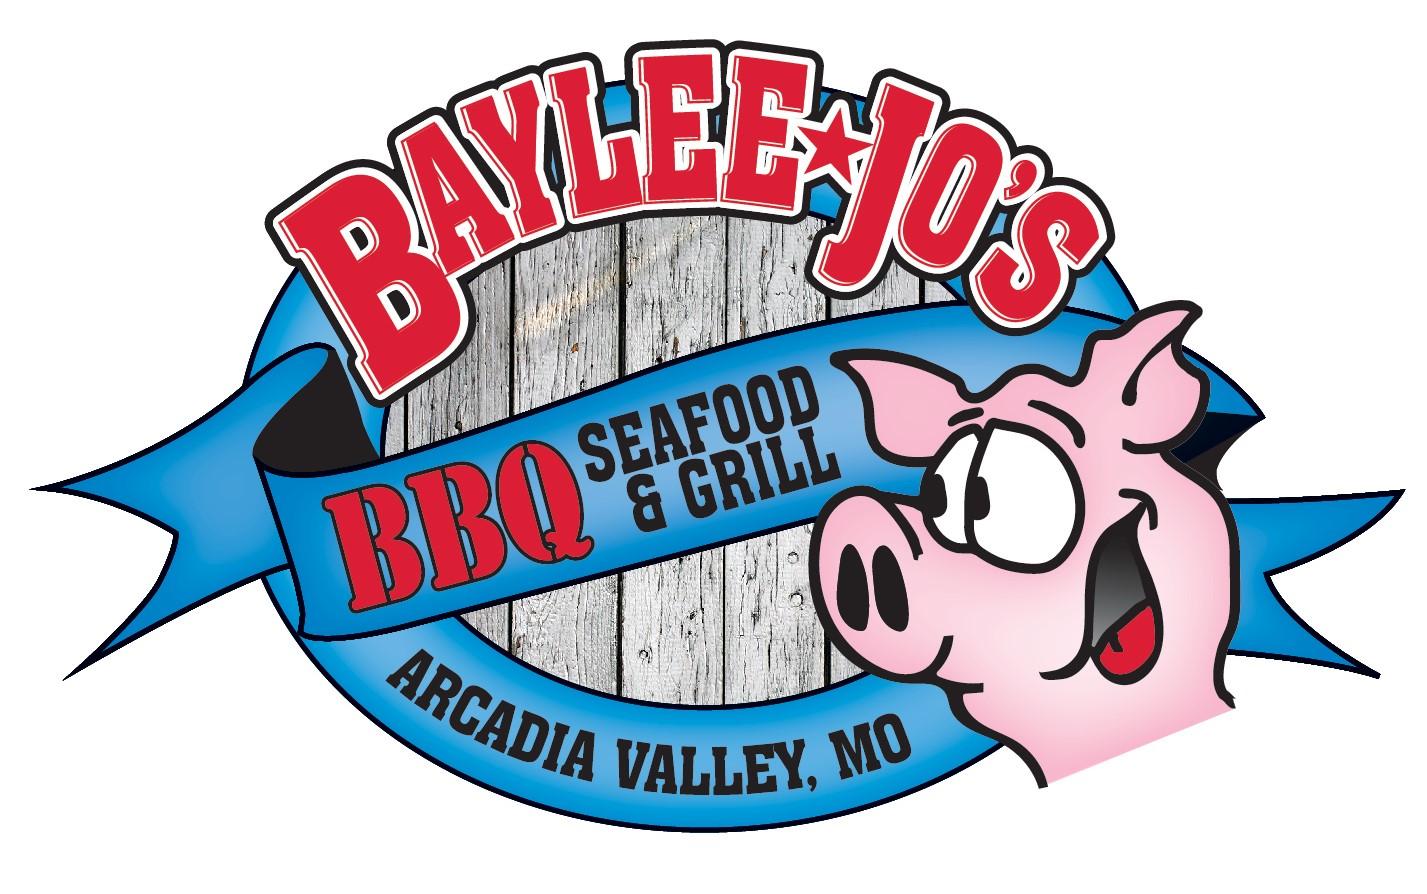 Baylee Jo's BBQ